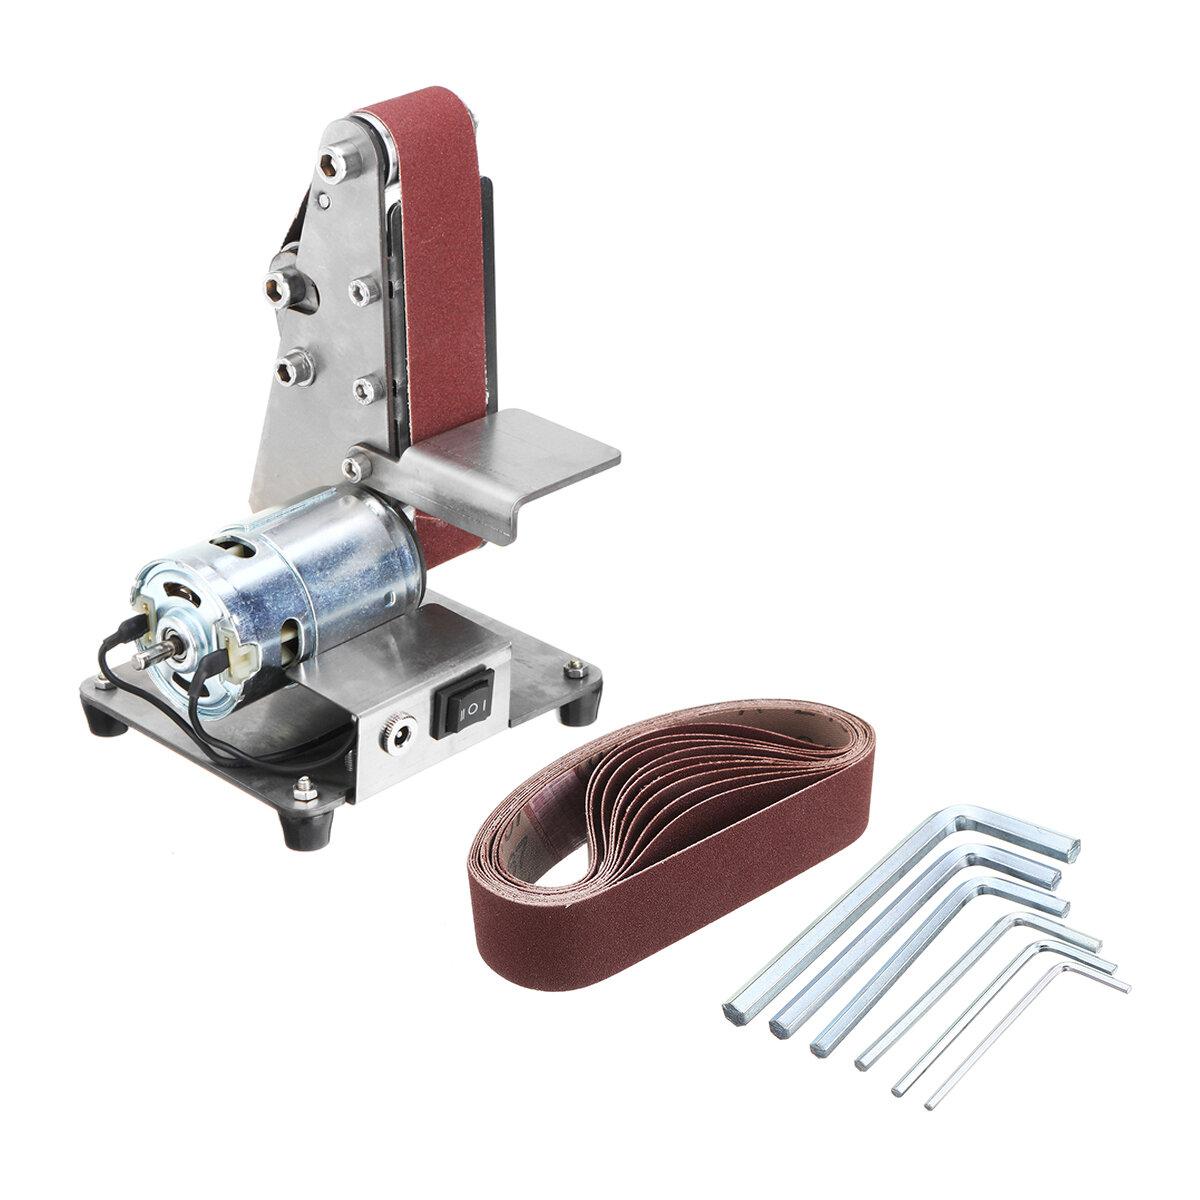 350W 4000-9000RPM Electric Adjustable Speed Mini Belt Sander Polishing Grinding Machine Antiskid Abrasive Belts Grinder